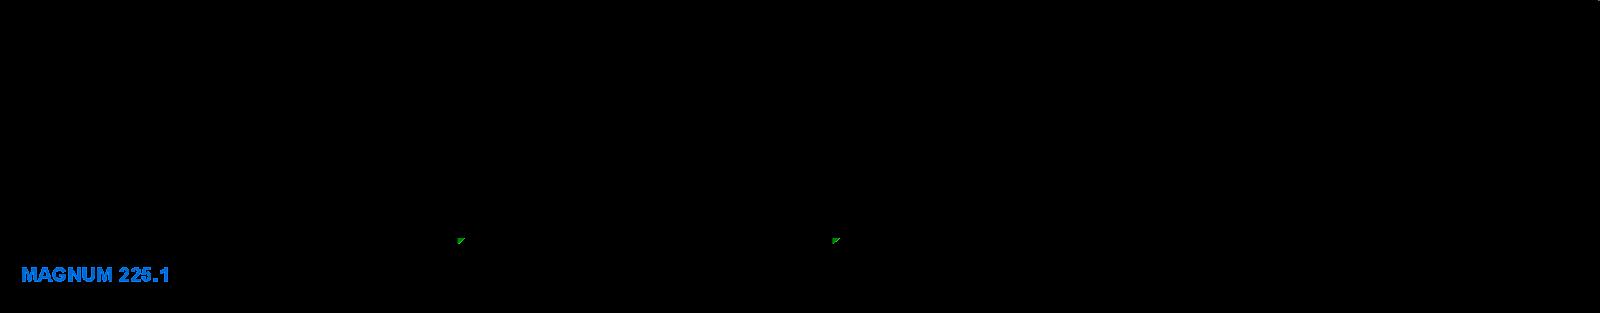 Y-5cBeoauWakAB8OQxLWtIjLiNE9XcJpBPh534ul